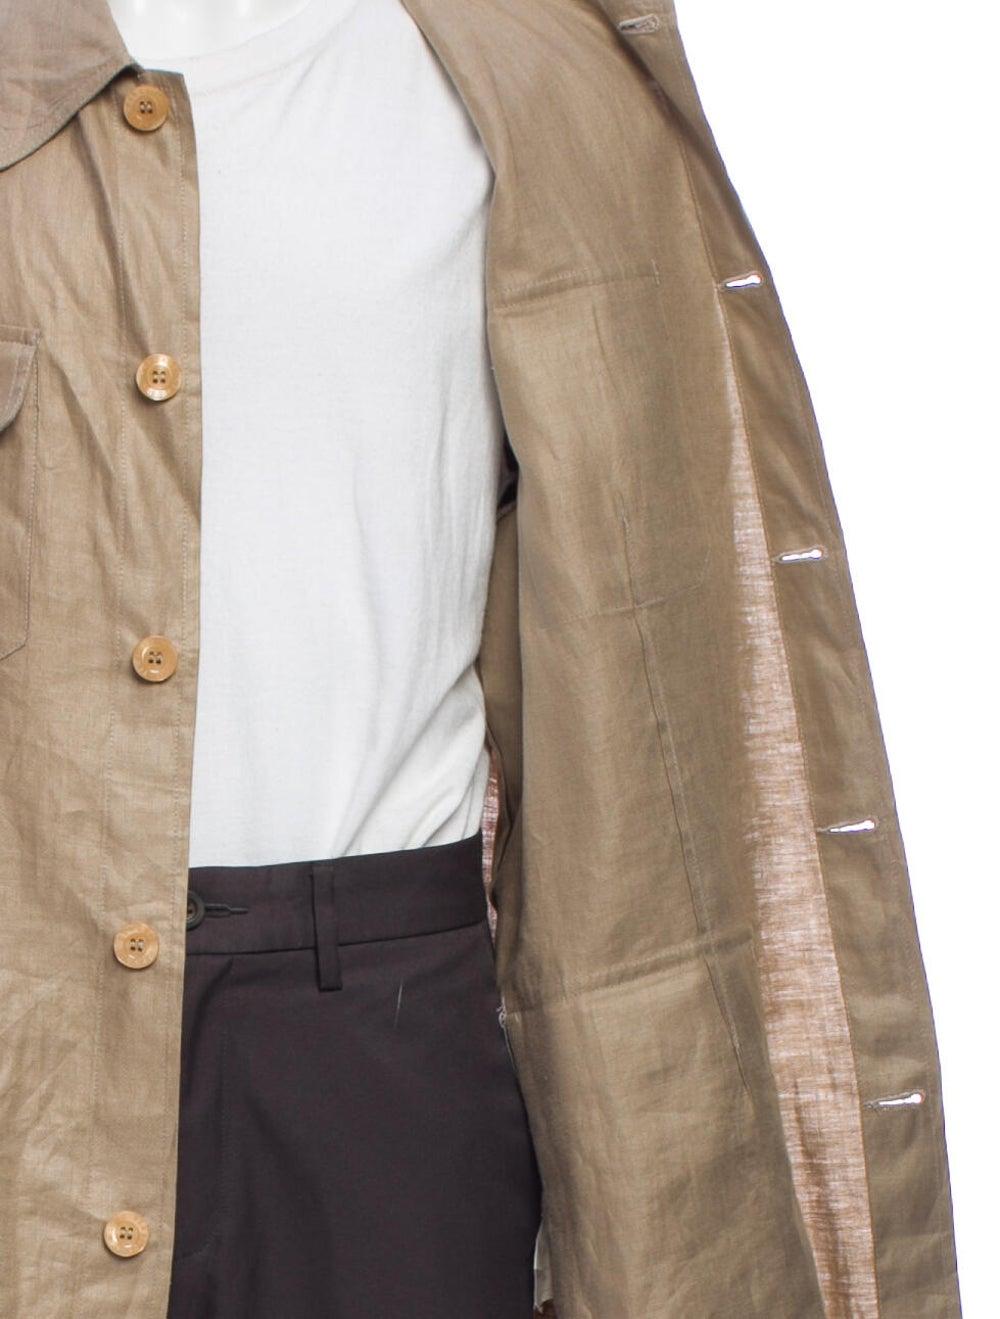 Versace Linen Jacket - image 4